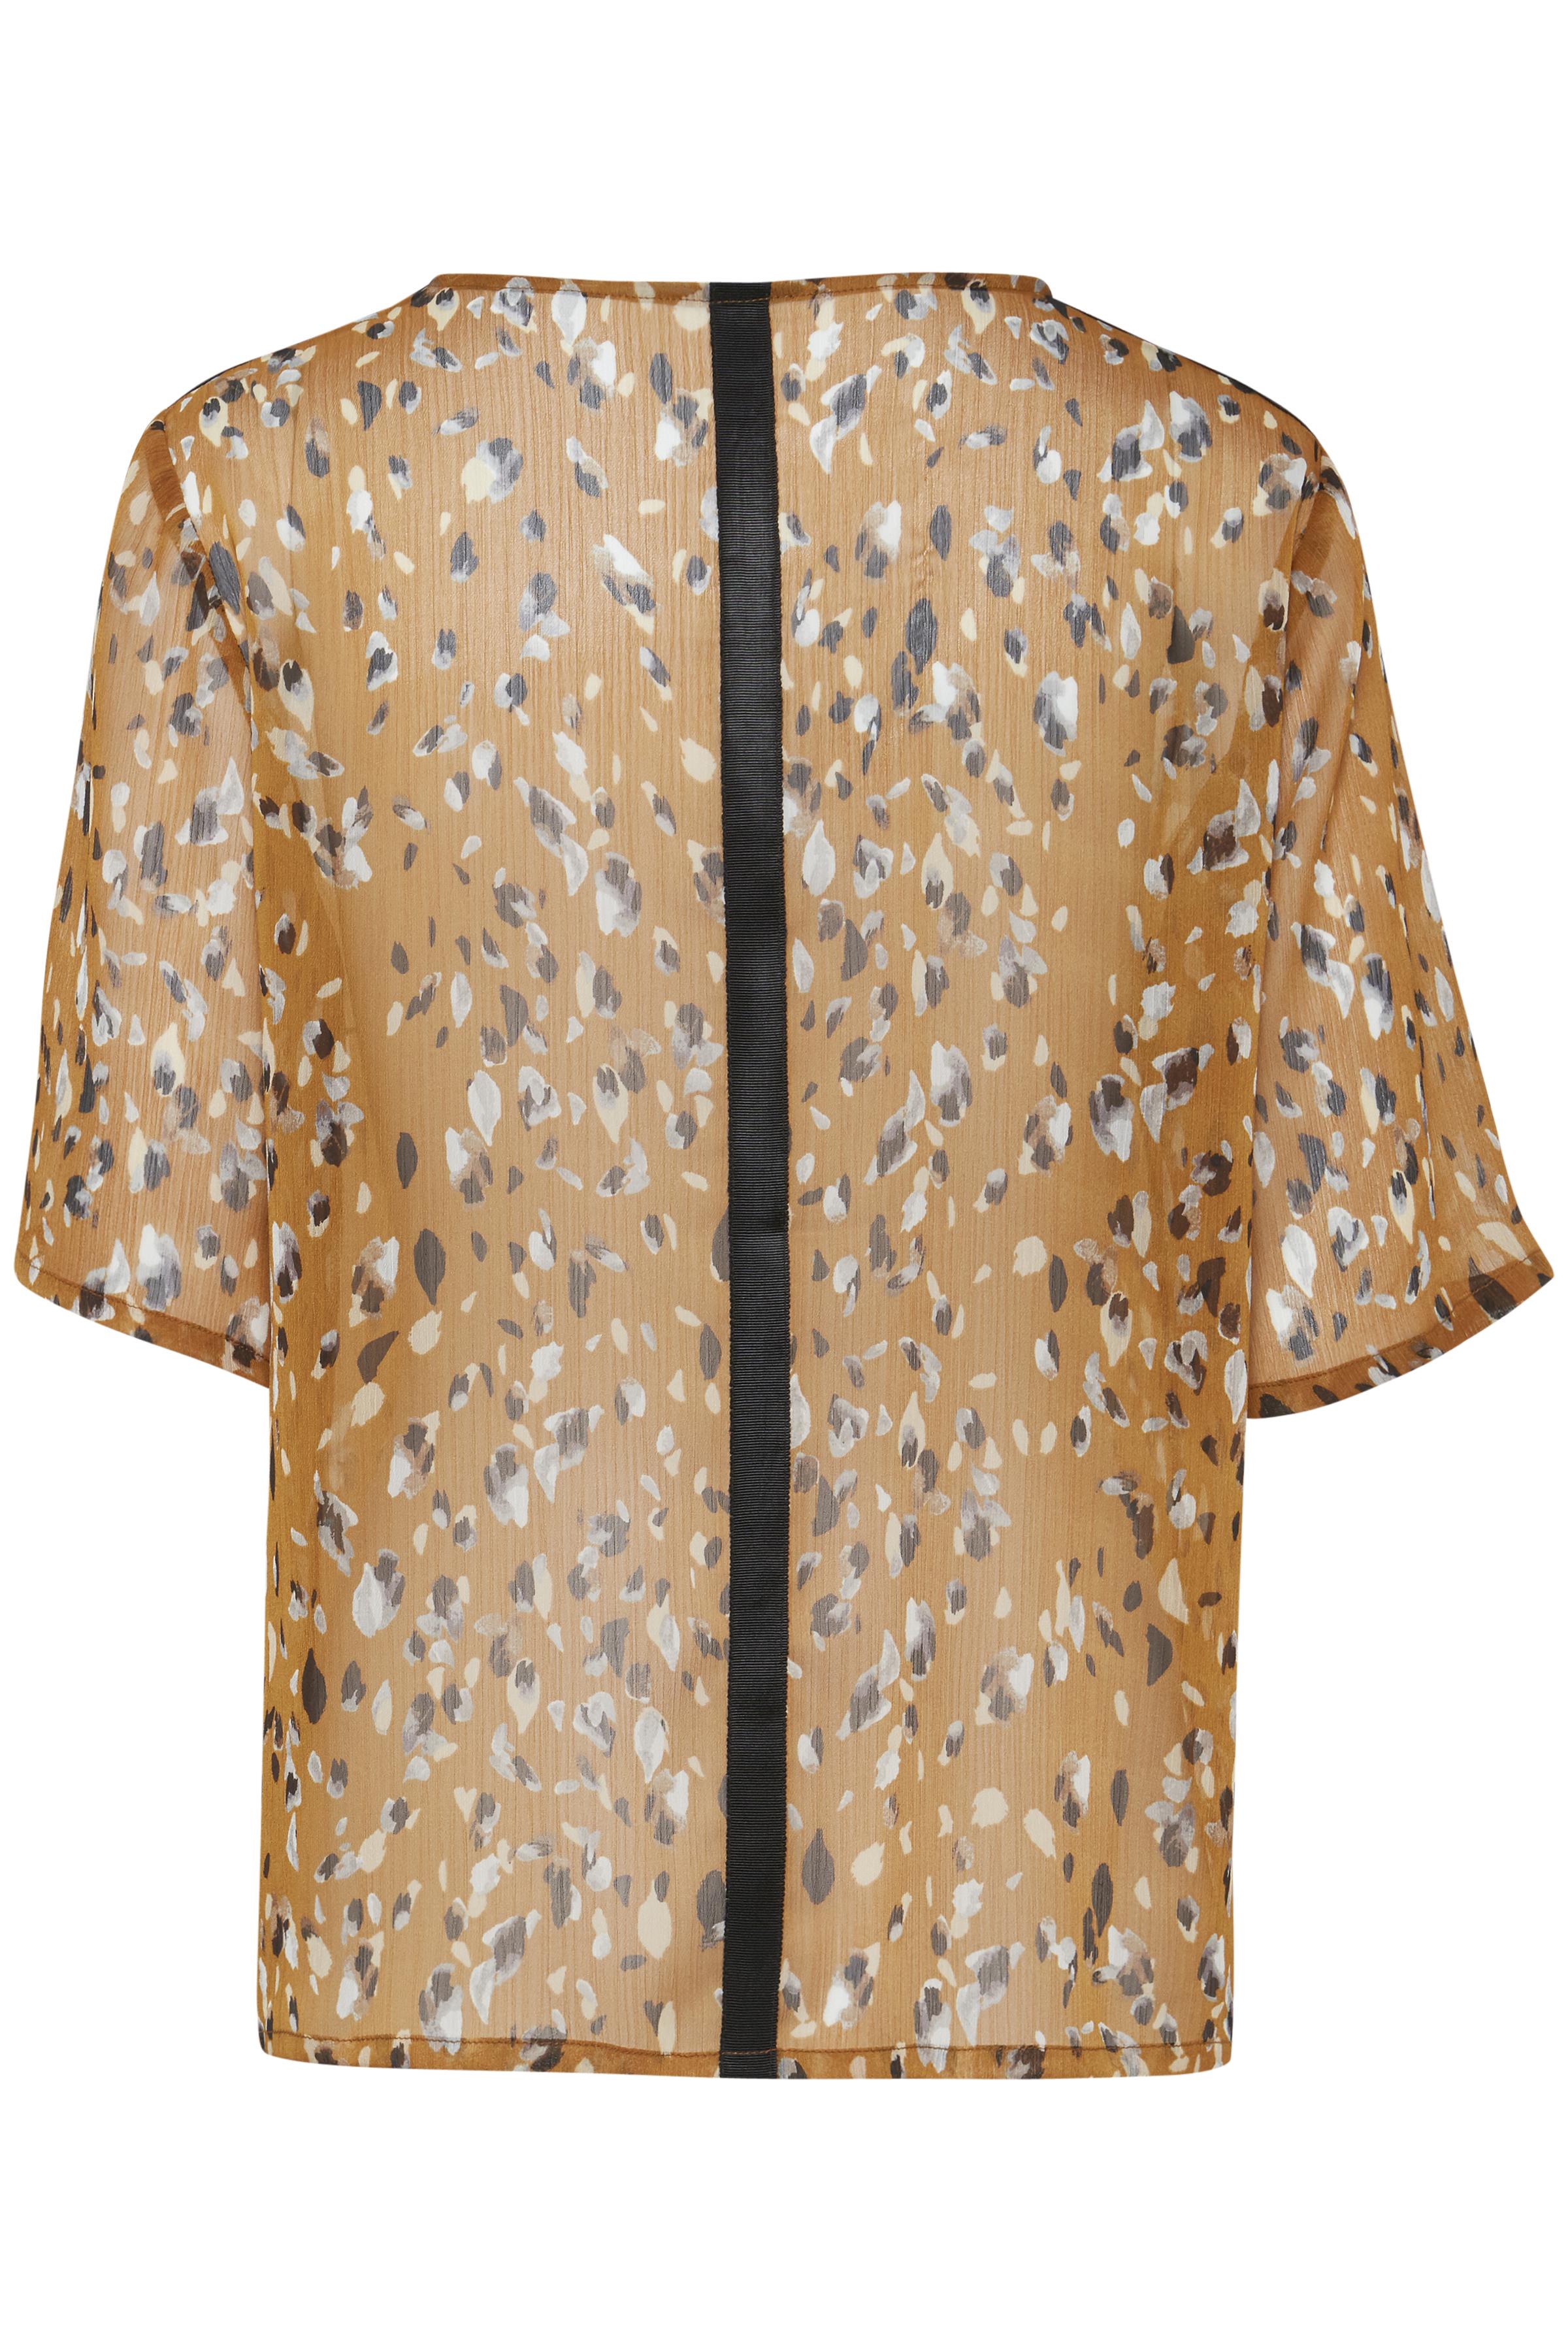 Mørk karry/off-white Kortærmet bluse fra Pulz Jeans – Køb Mørk karry/off-white Kortærmet bluse fra str. XS-XXL her